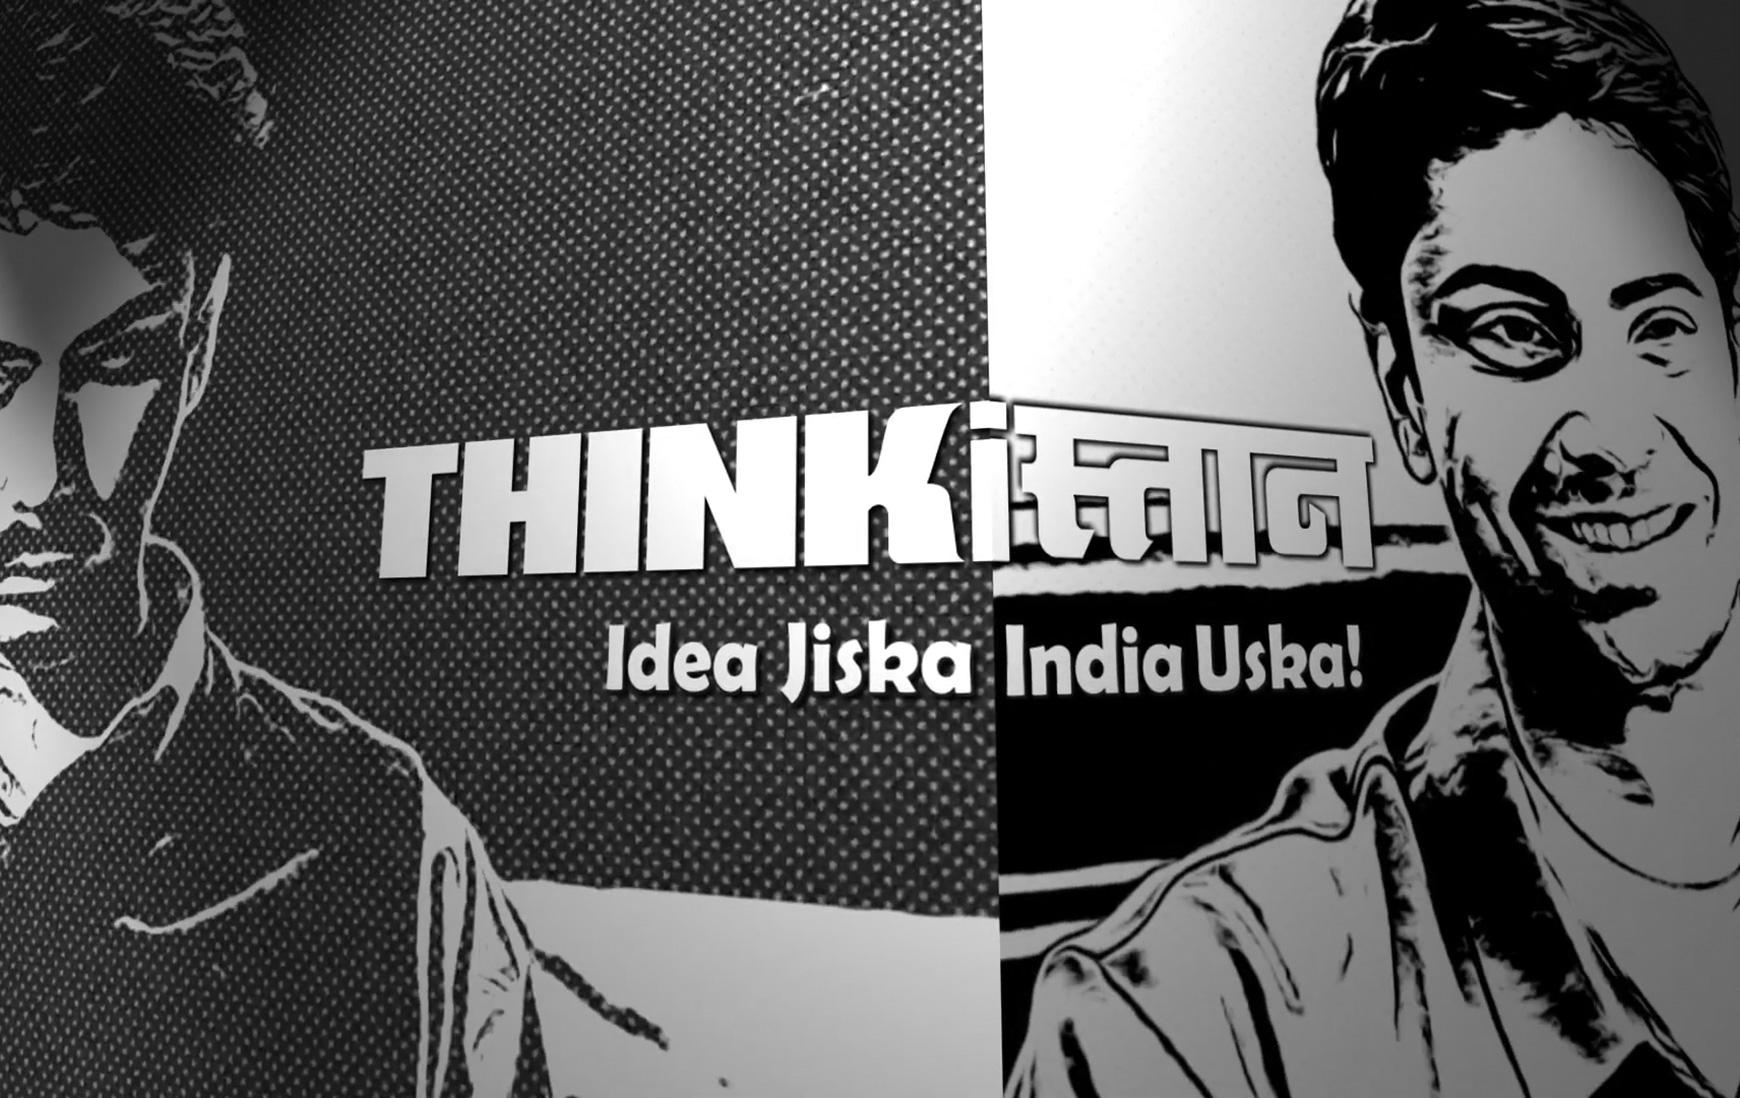 Thinkistan